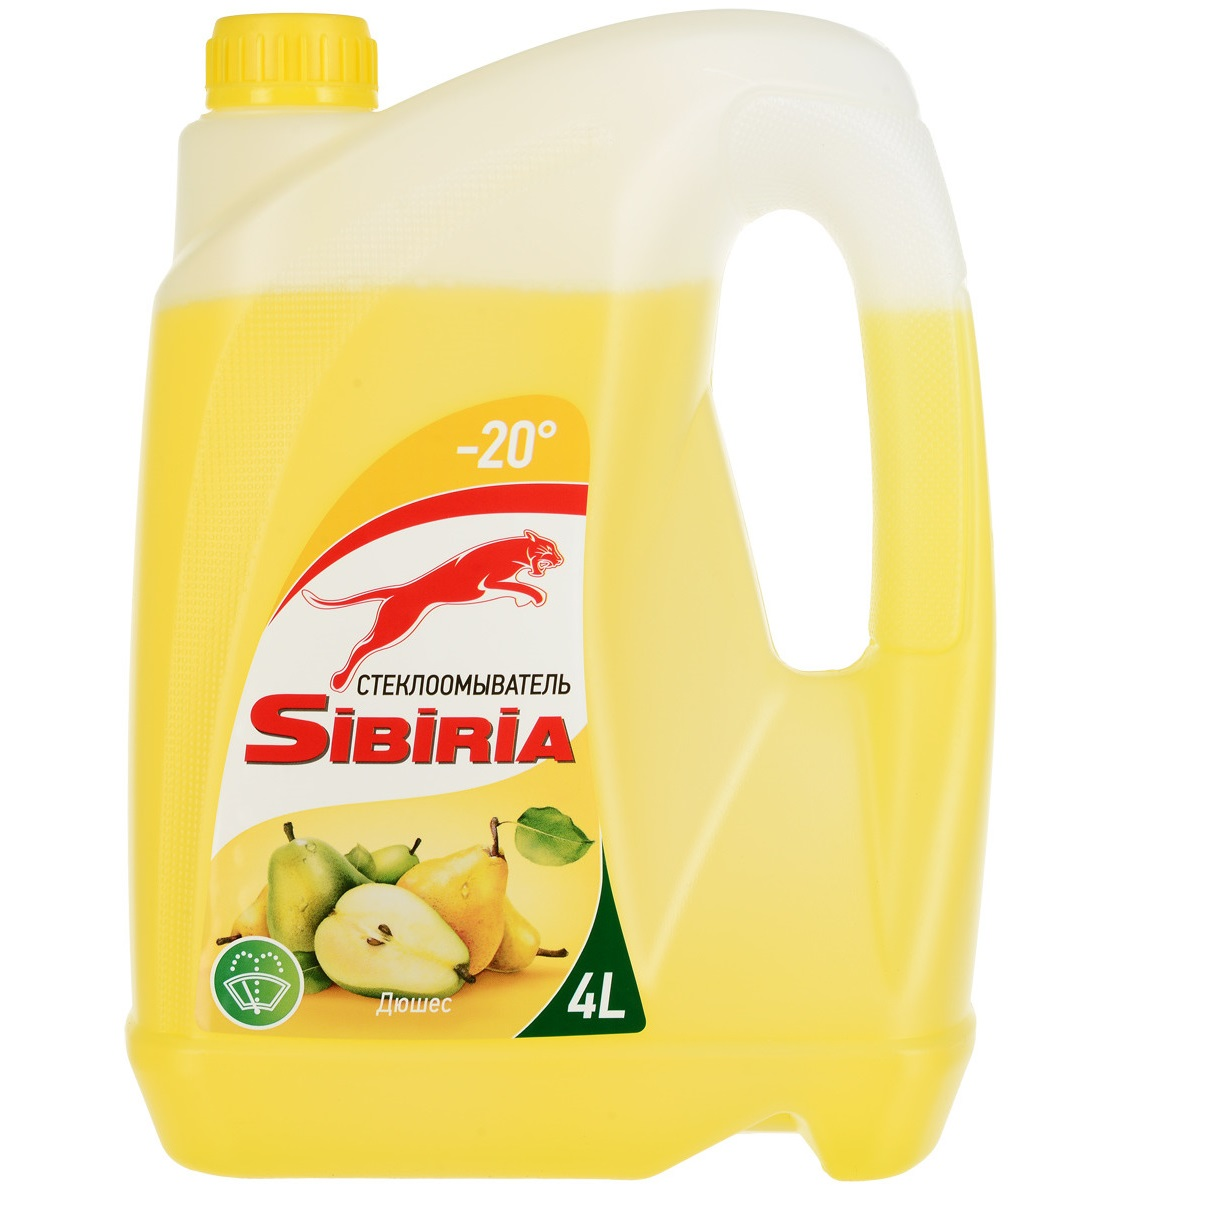 Жидкость незамерзающая Sibiria -20 дюшес 4л.